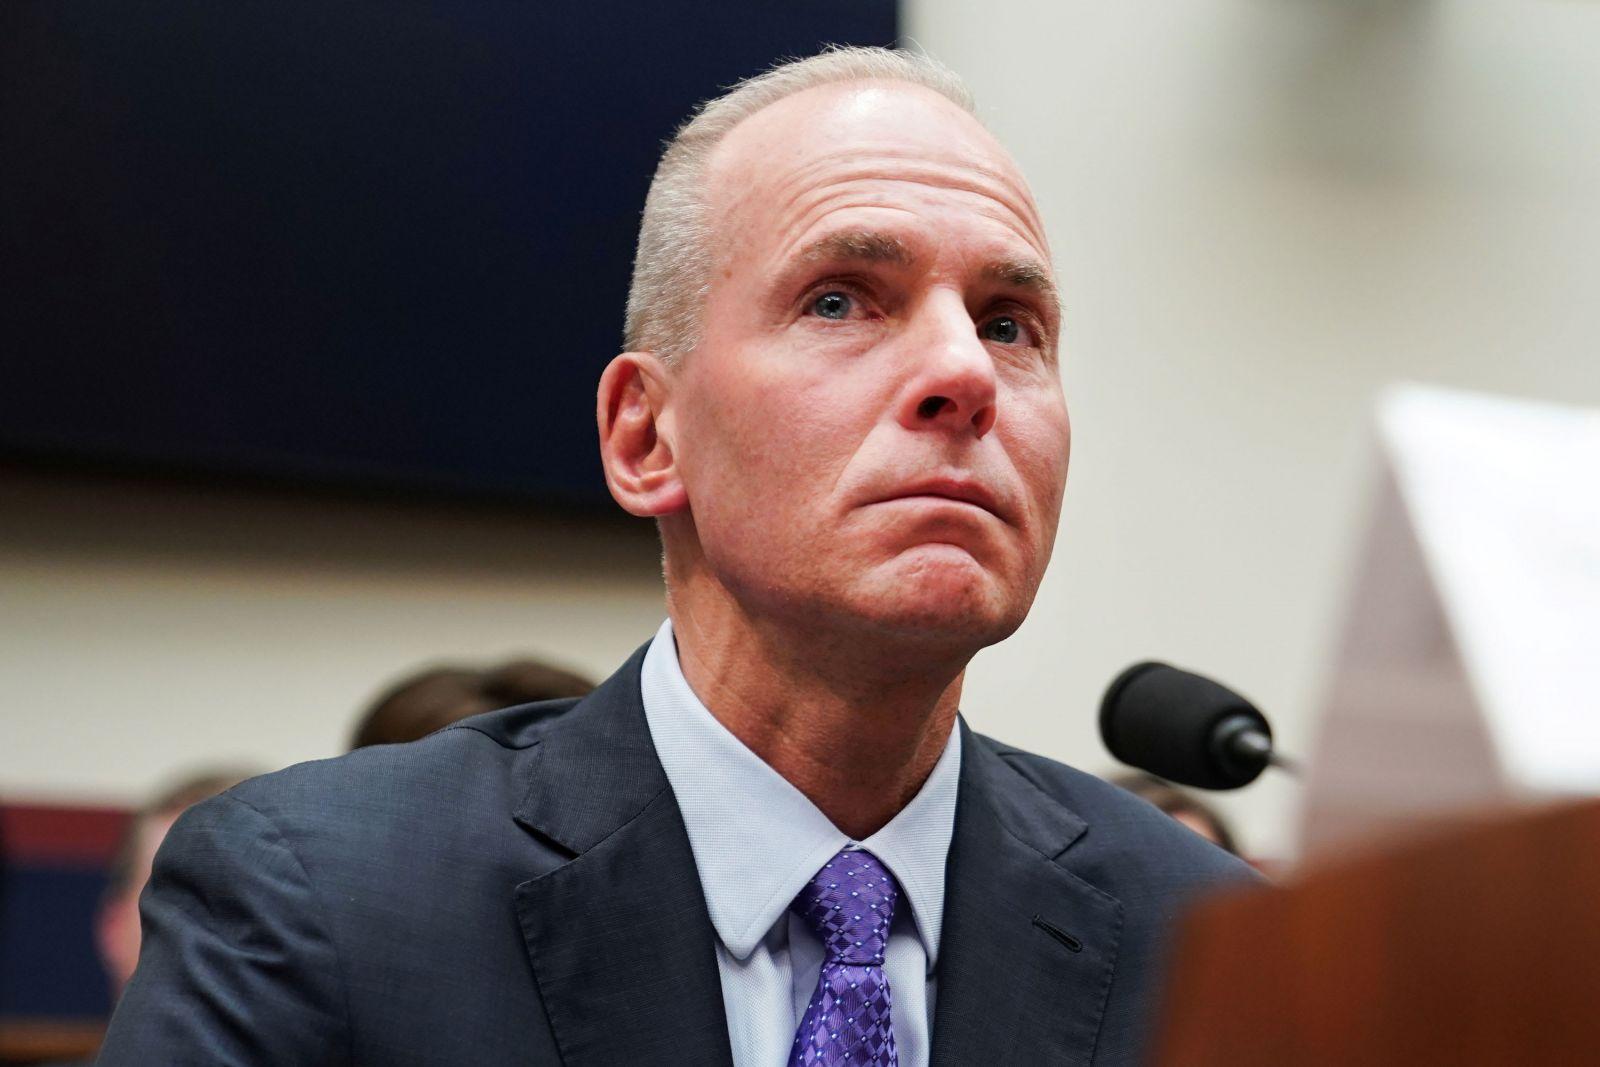 Boeing уволил исполнительного директора, чтобы восстановить доверие